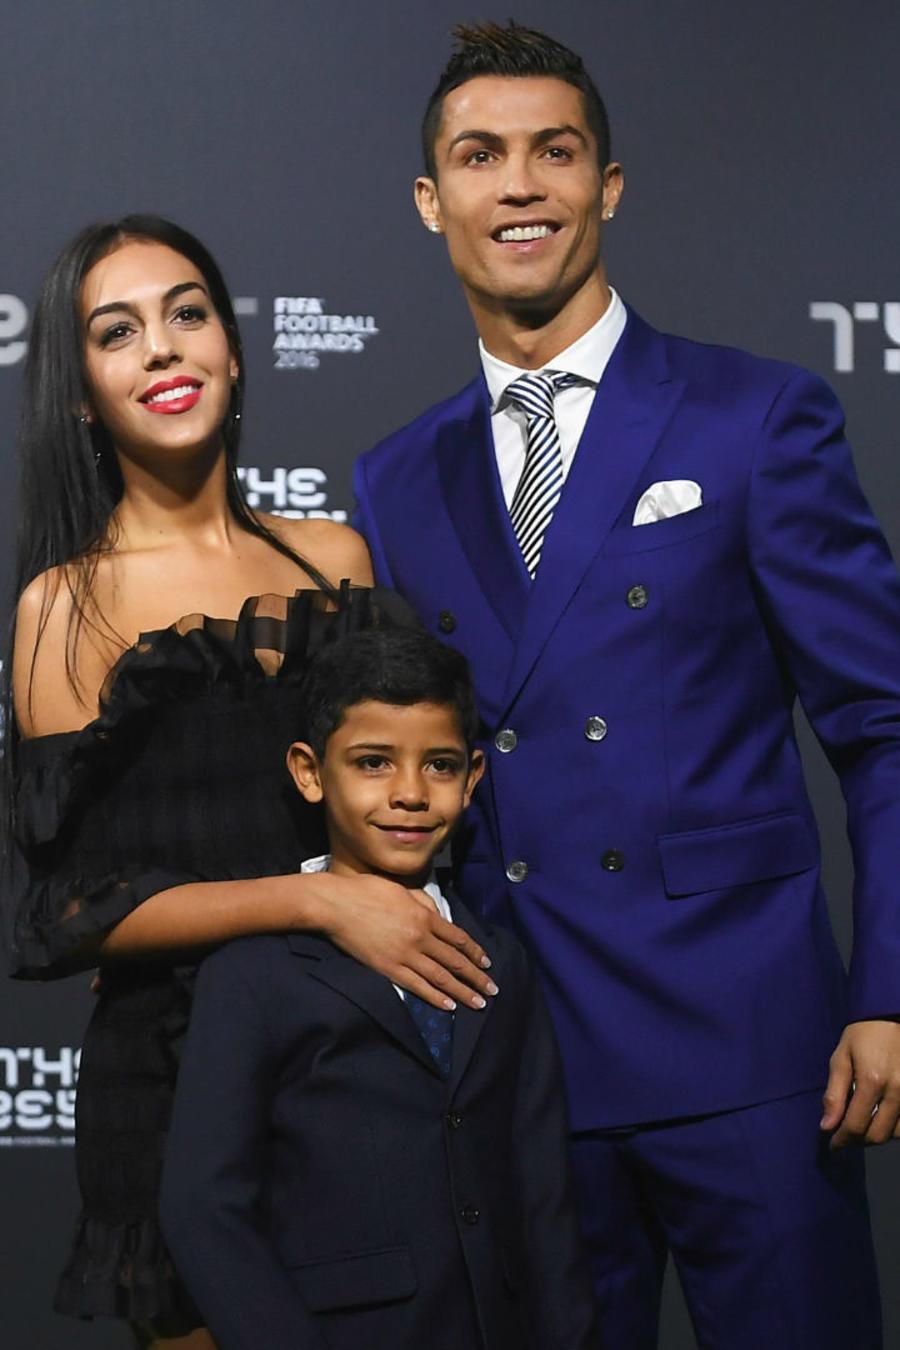 El hijo mayor de Cristiano Ronaldo debuta como influence